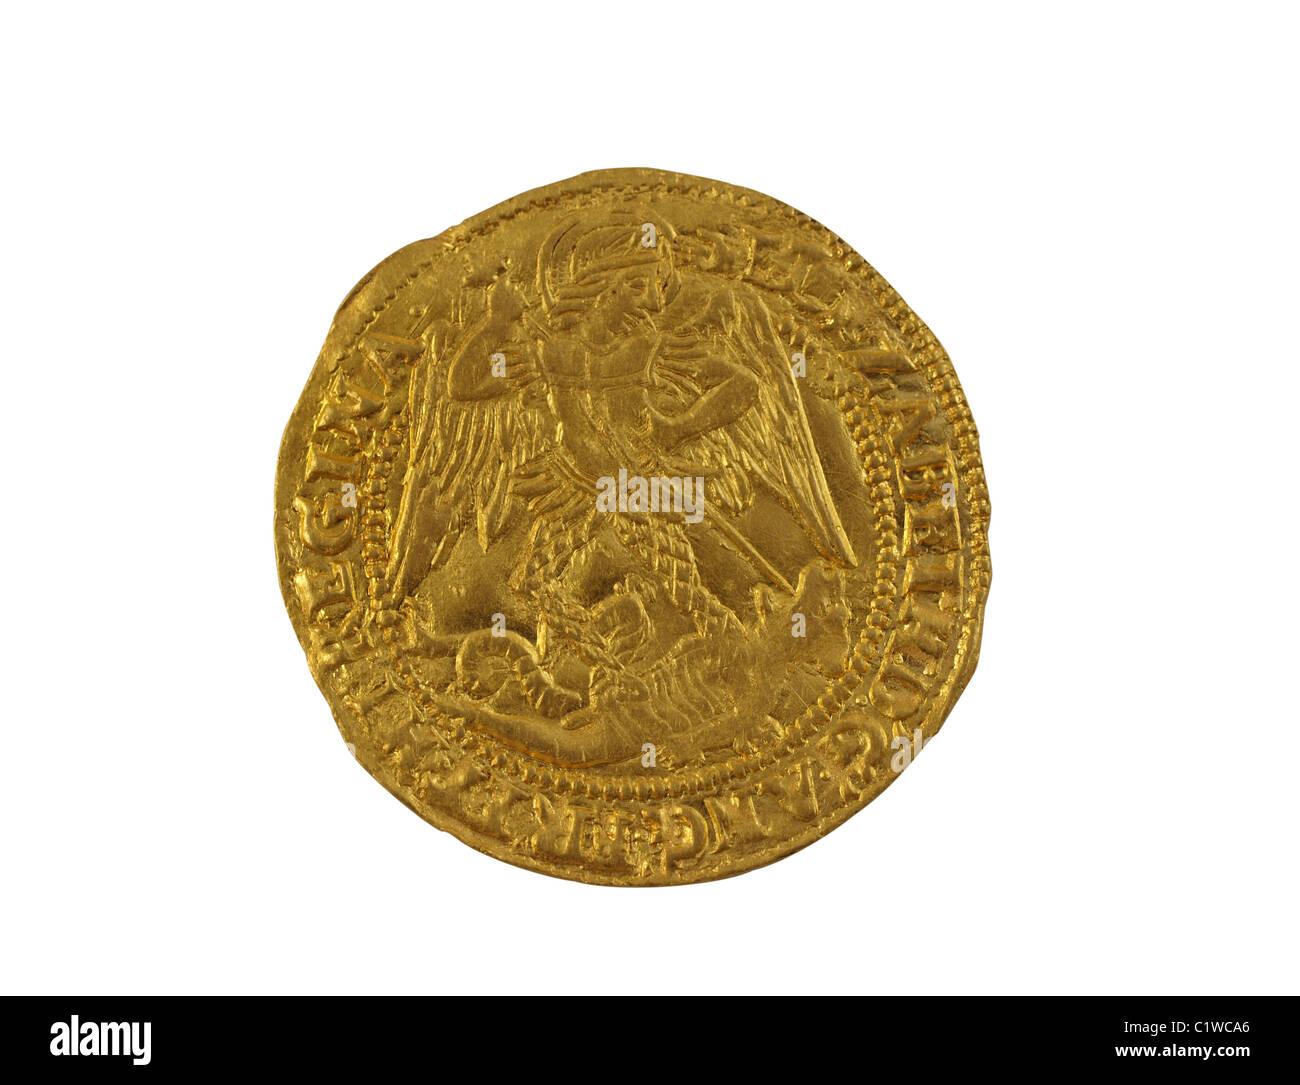 Altgold Engel Gehämmert Münze Elizabeth Ich 1590 1592 Geprägt Zeigt